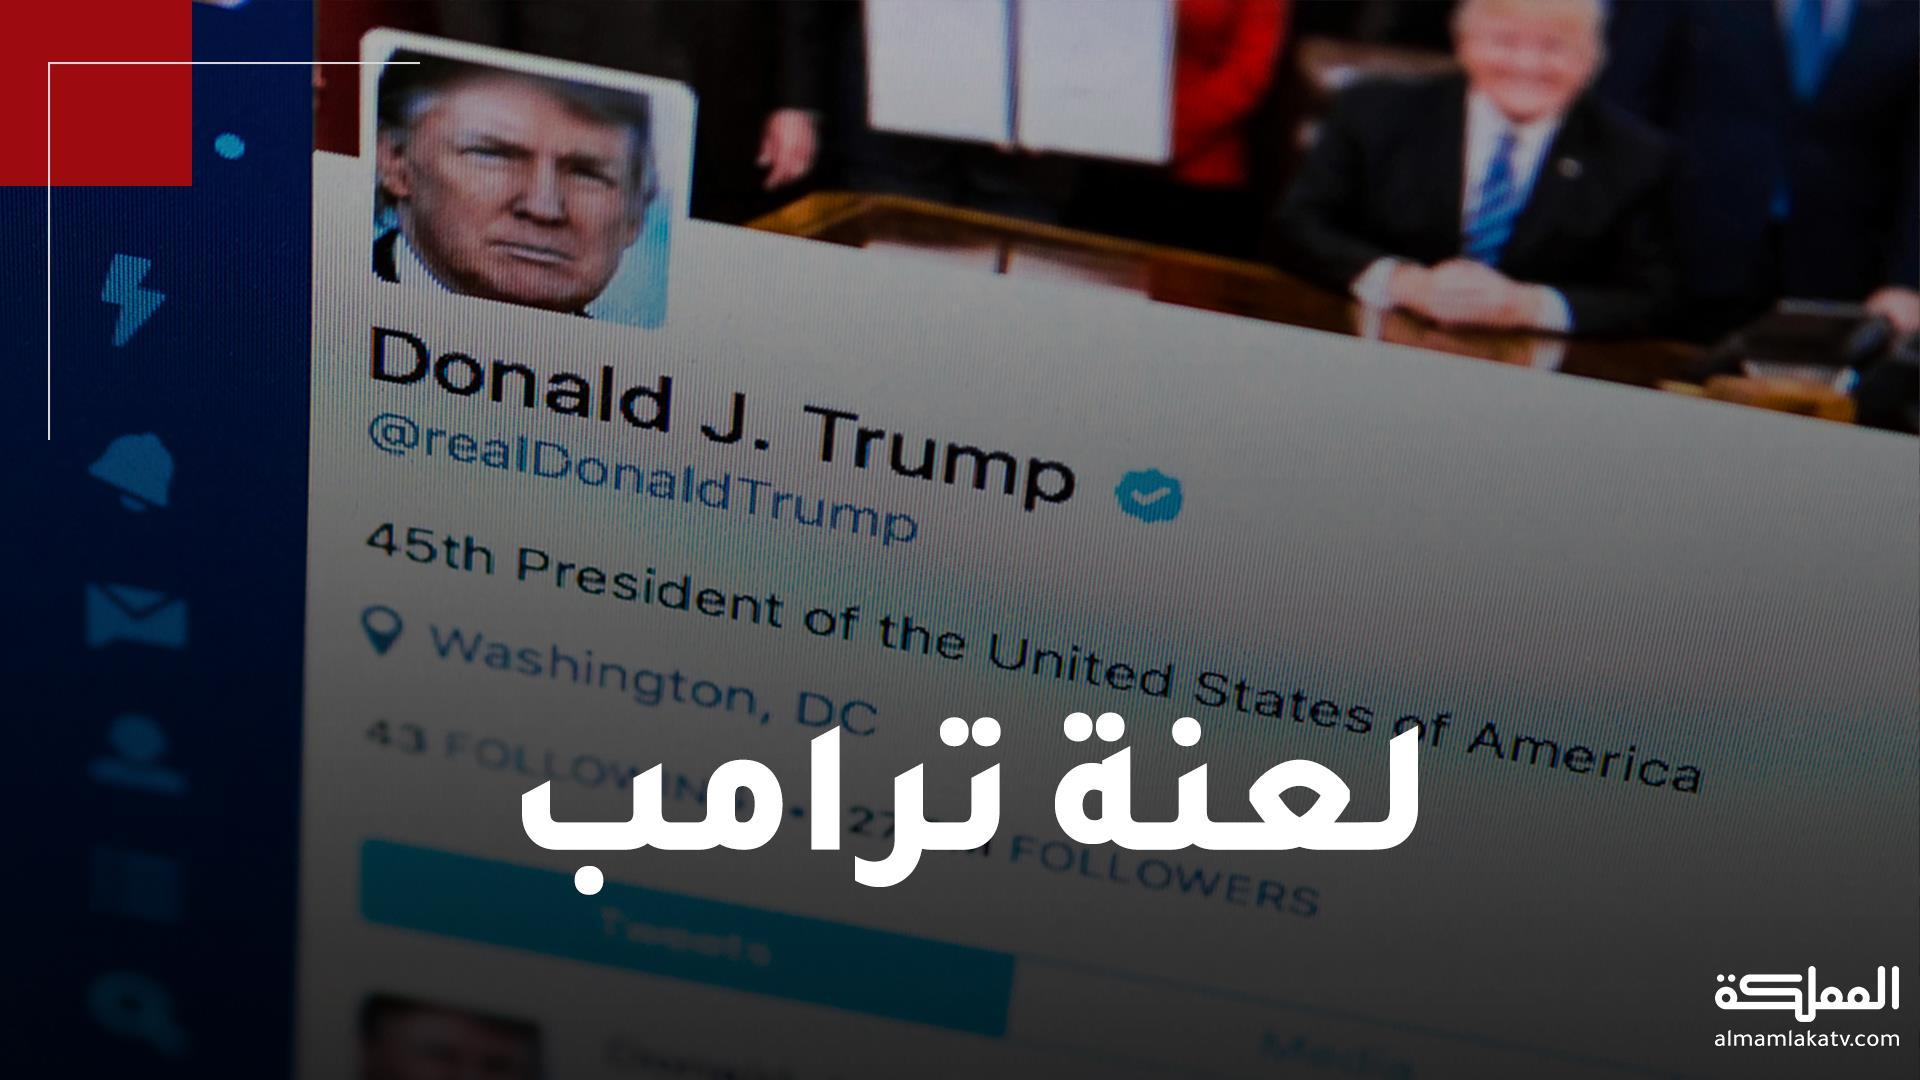 """لعنة ترامب تطارد """"تويتر"""" بعد إغلاق حسابه، حيث خسر سهم الشركة في البورصات الأوروبية نحو 8% من قيمته"""